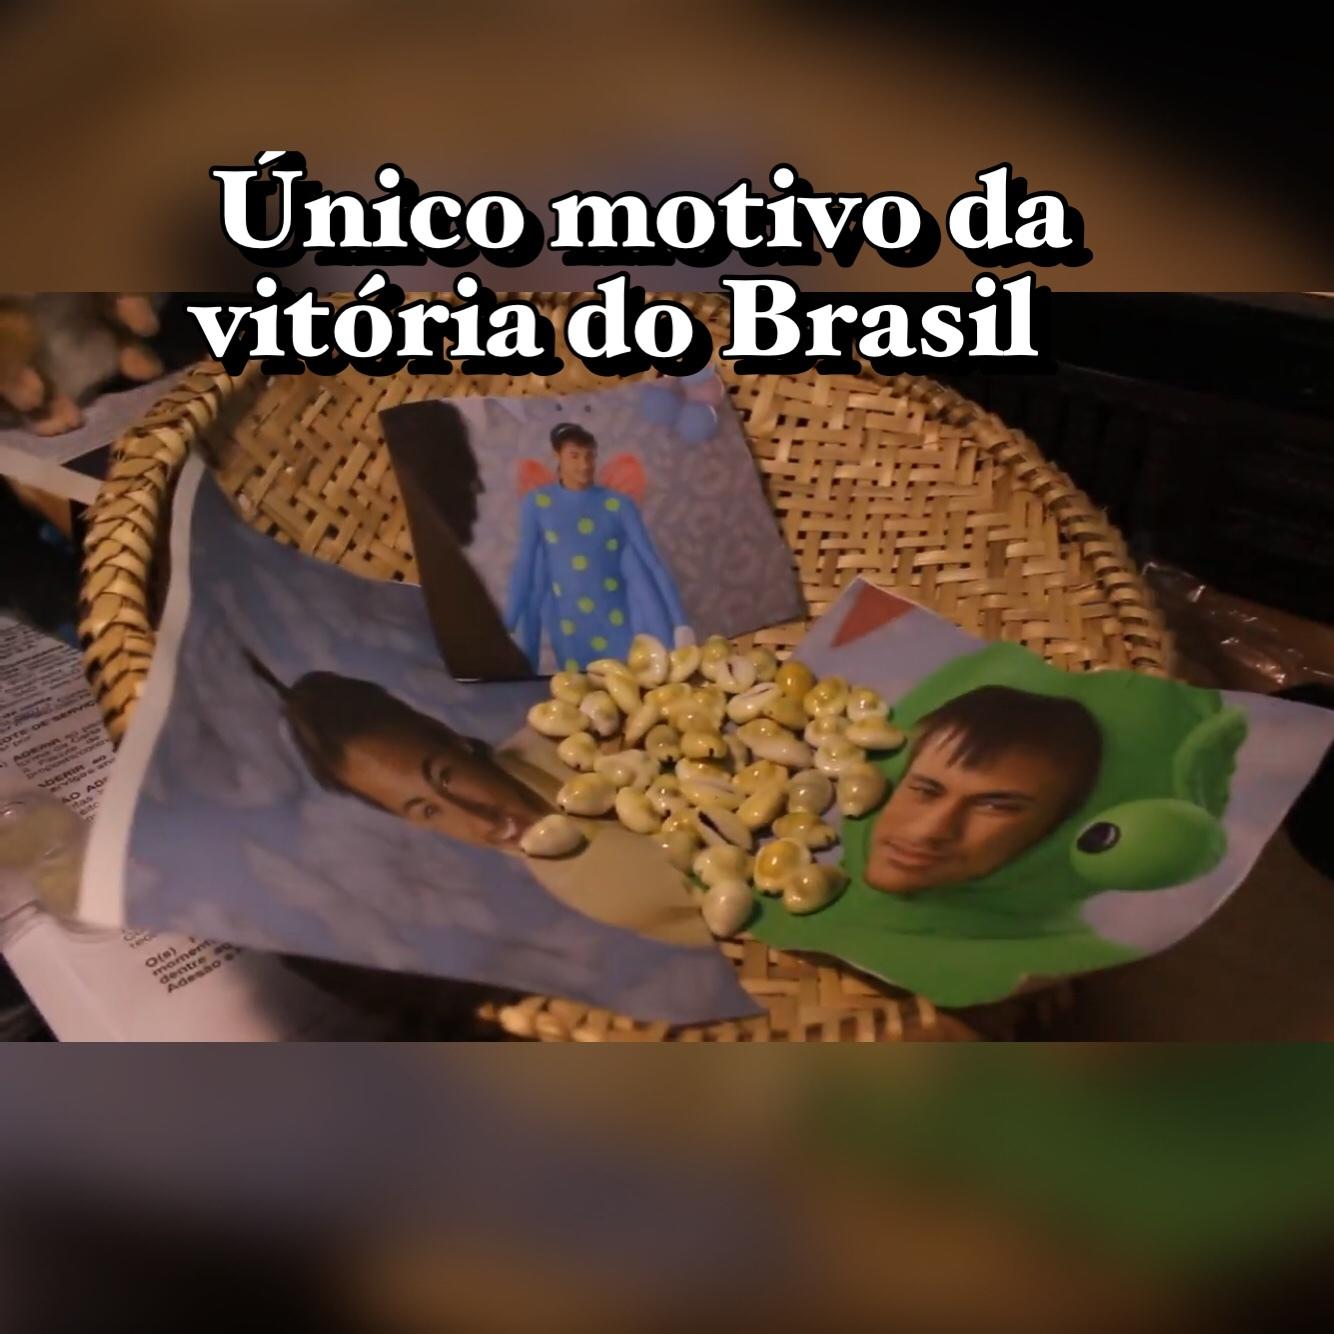 VLW LUCÃO - meme